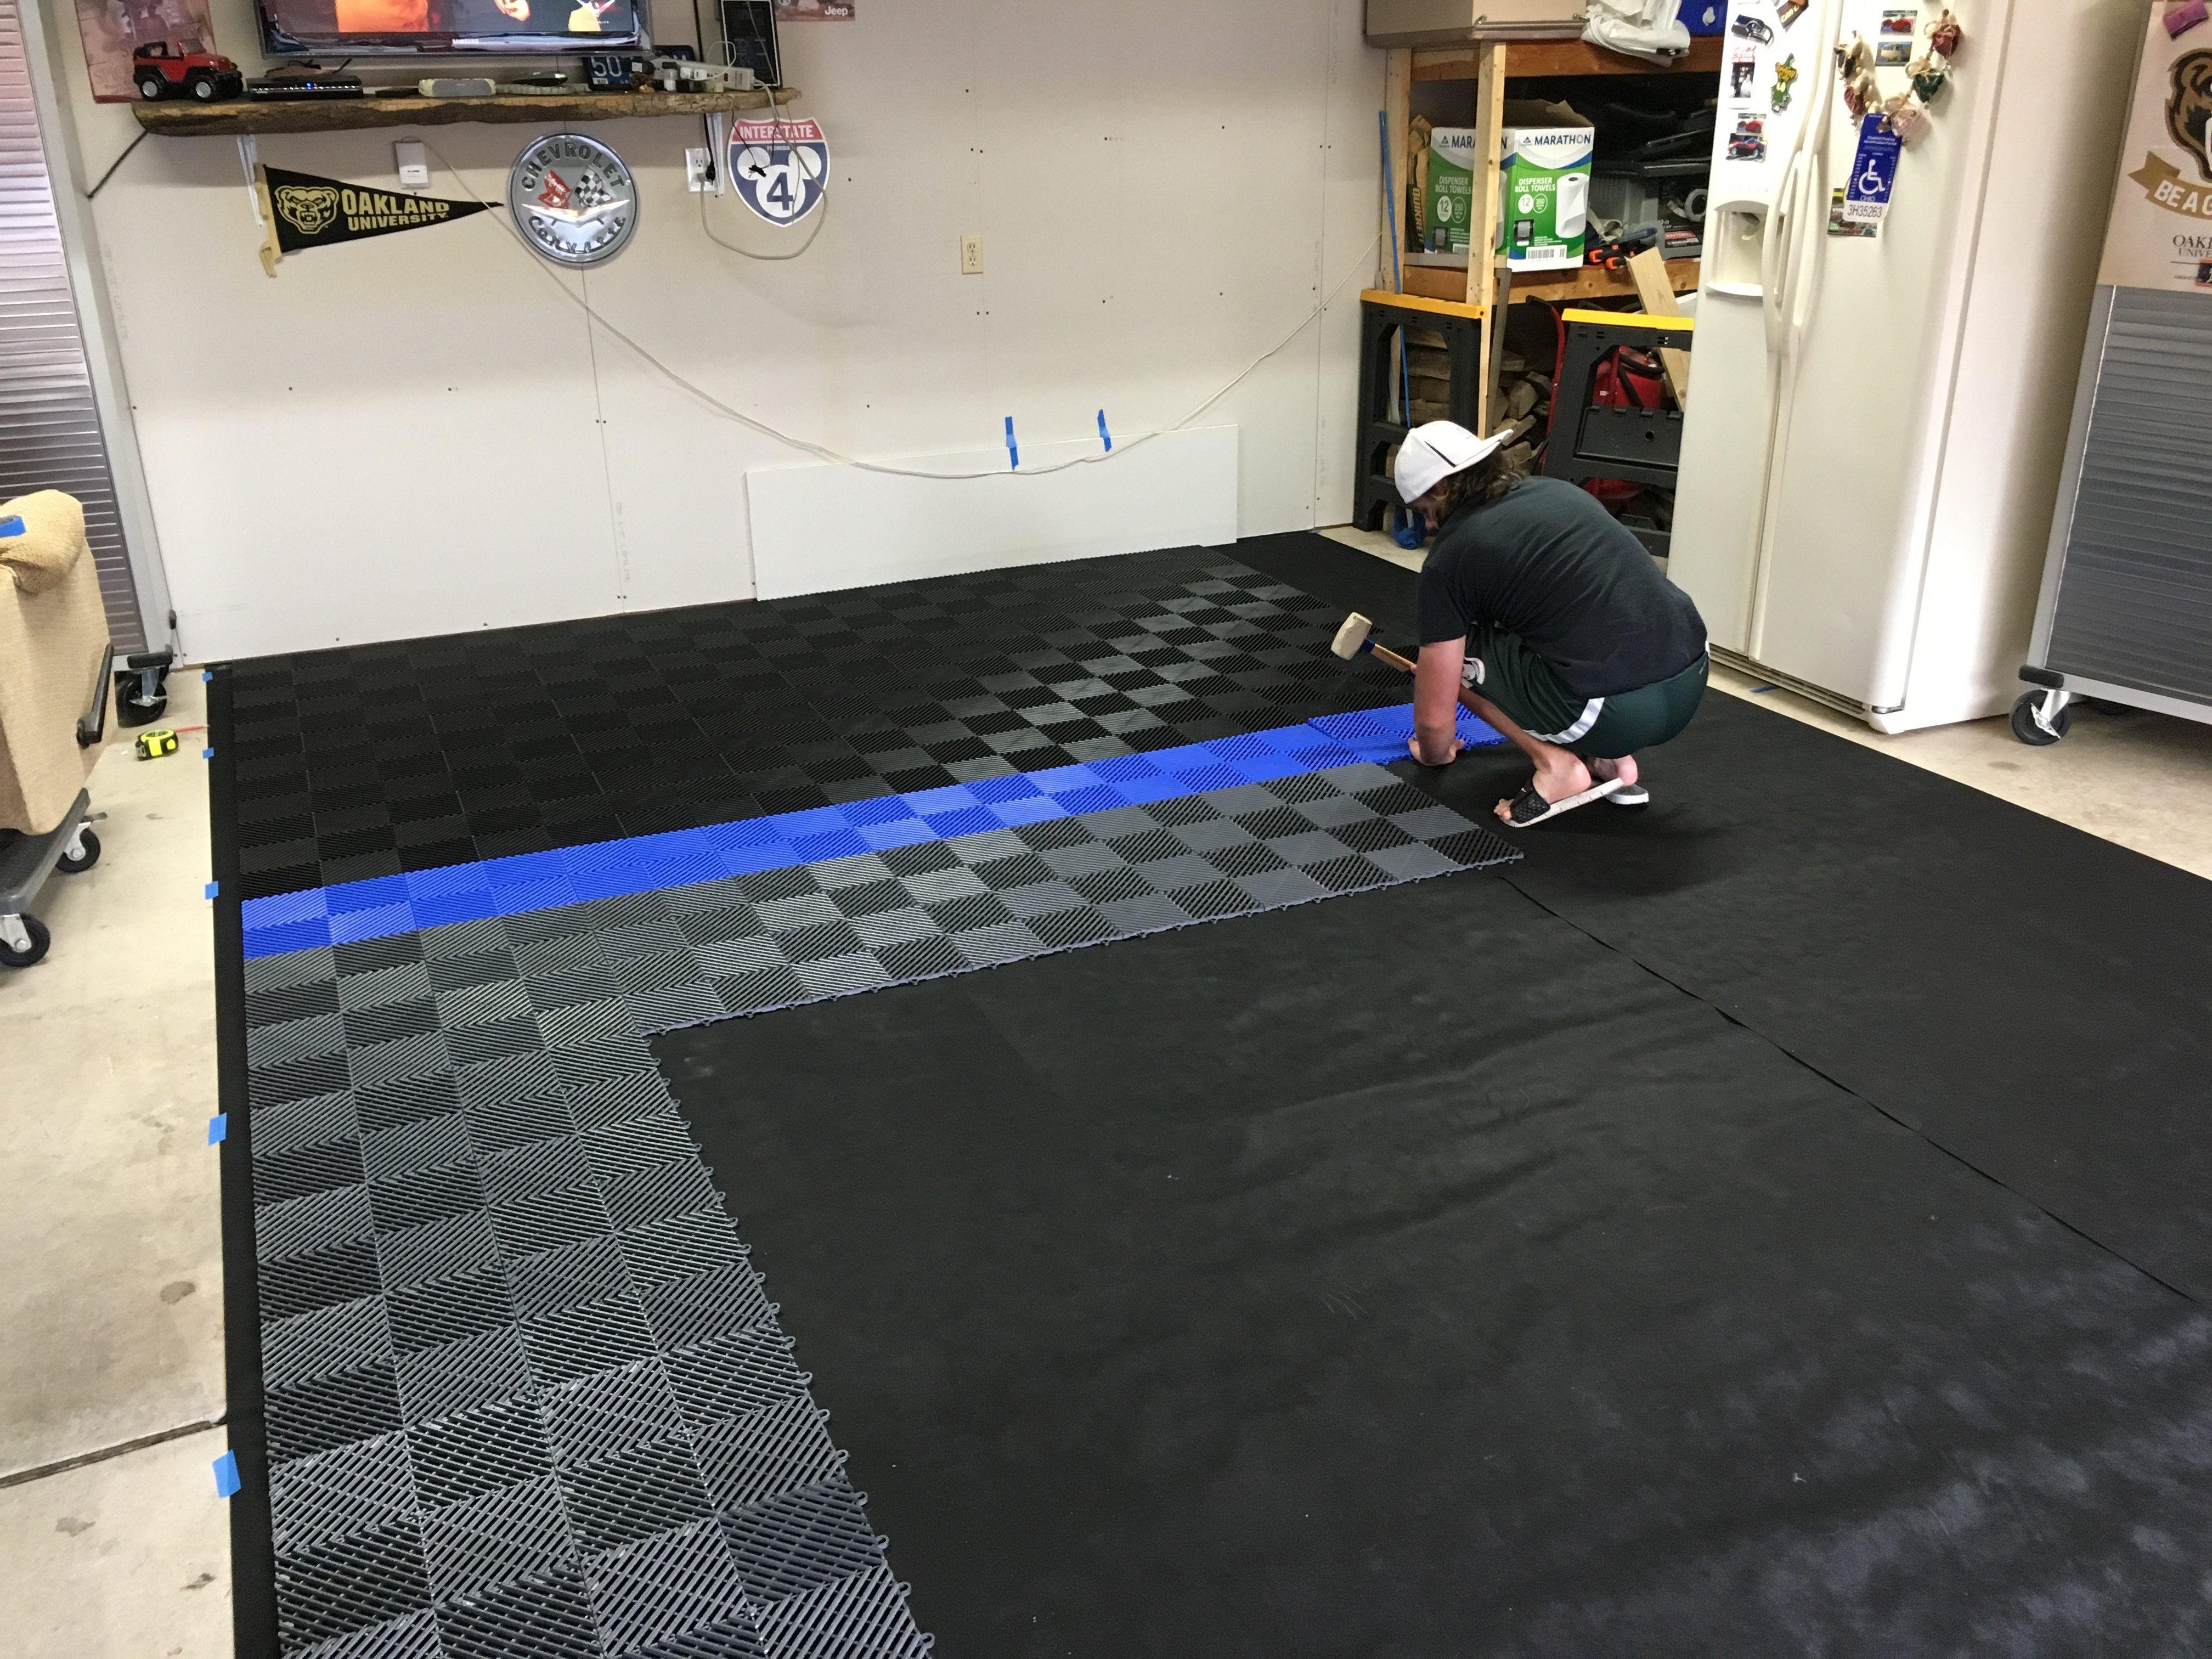 Garage Floor Tiles American Made Truelock Hd Racedeck Tile Garage Floor Tiles Garage Tile Garage Floor